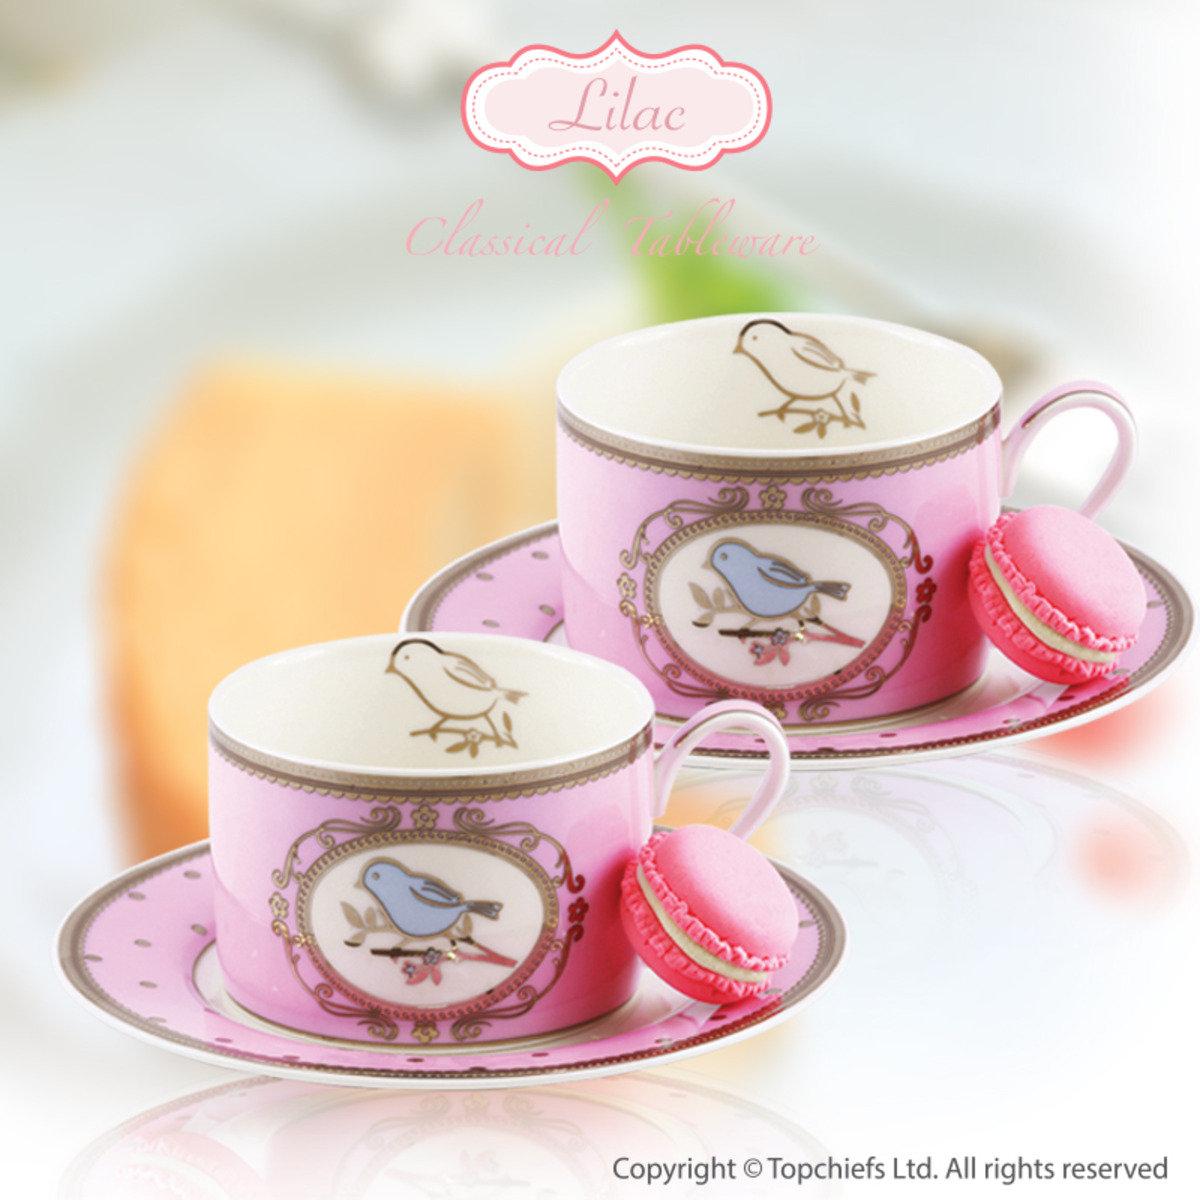 粉紅色小鳥杯及碟 x 2套